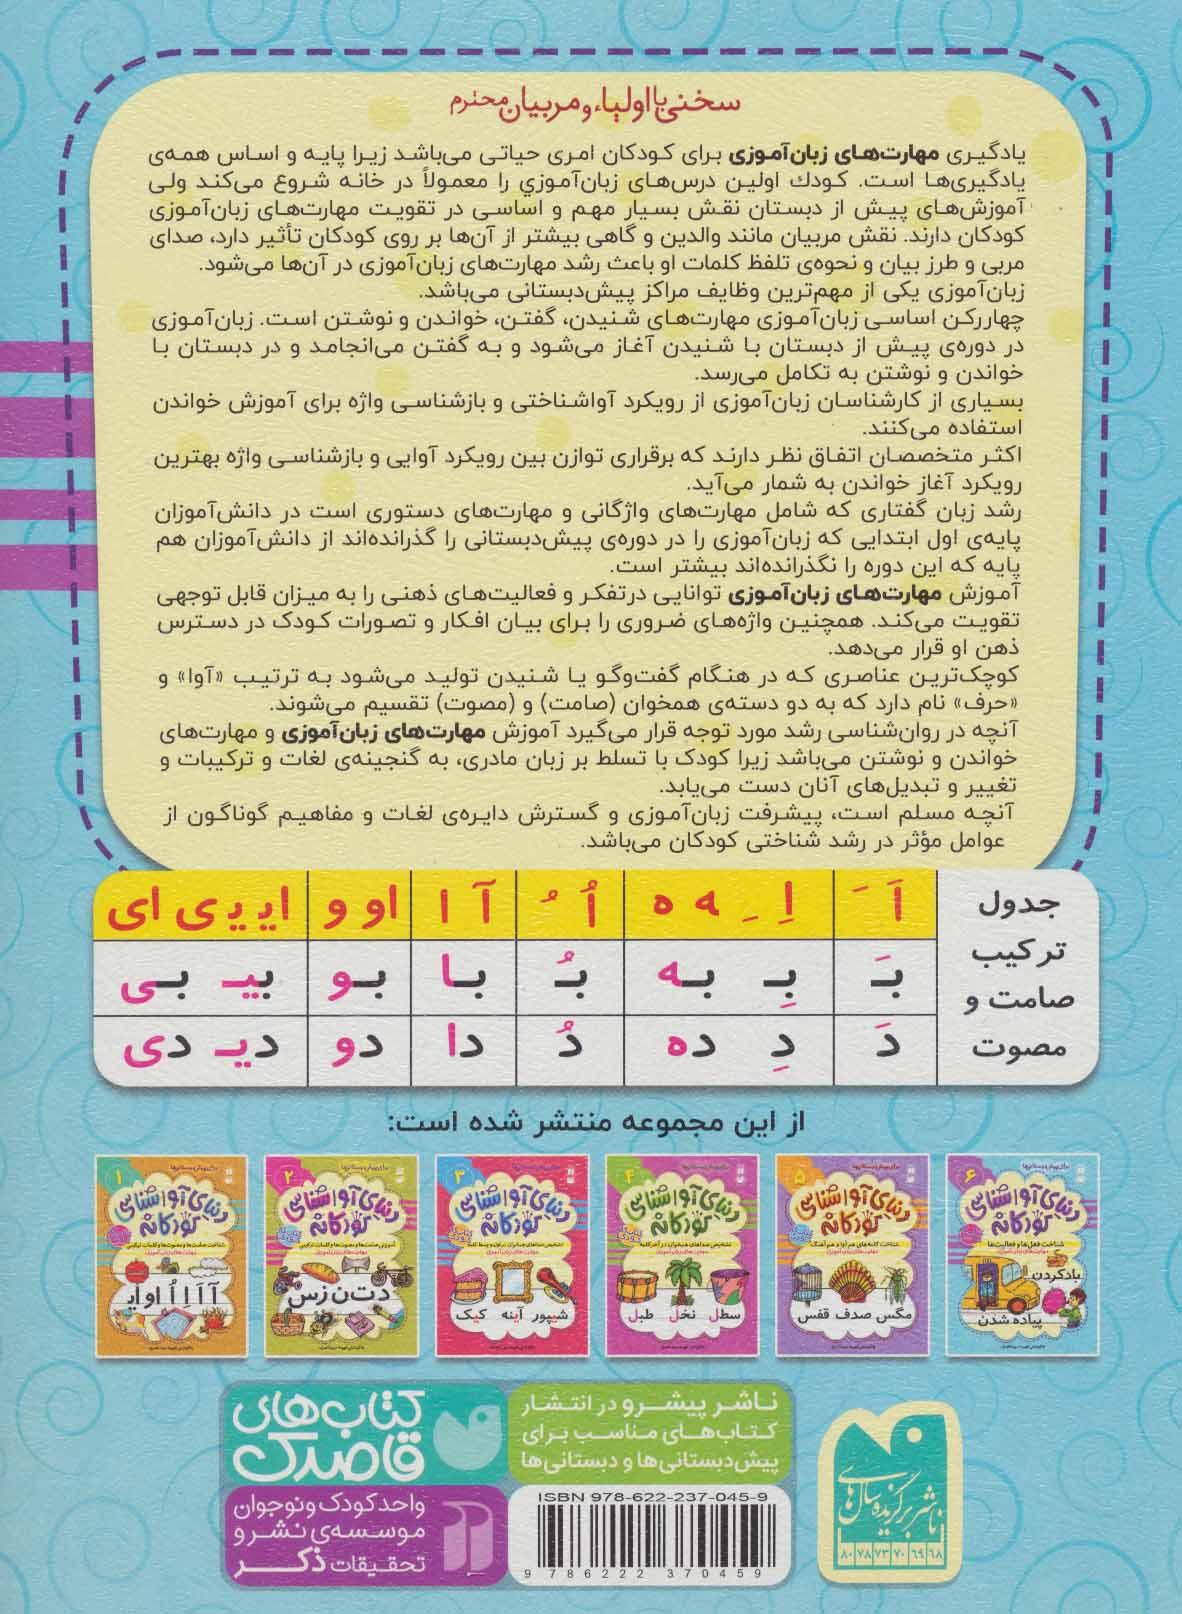 دنیای آواشناسی کودکانه 6 (شناخت فعل ها و فعالیت ها،مهارت های زبان آموزی)